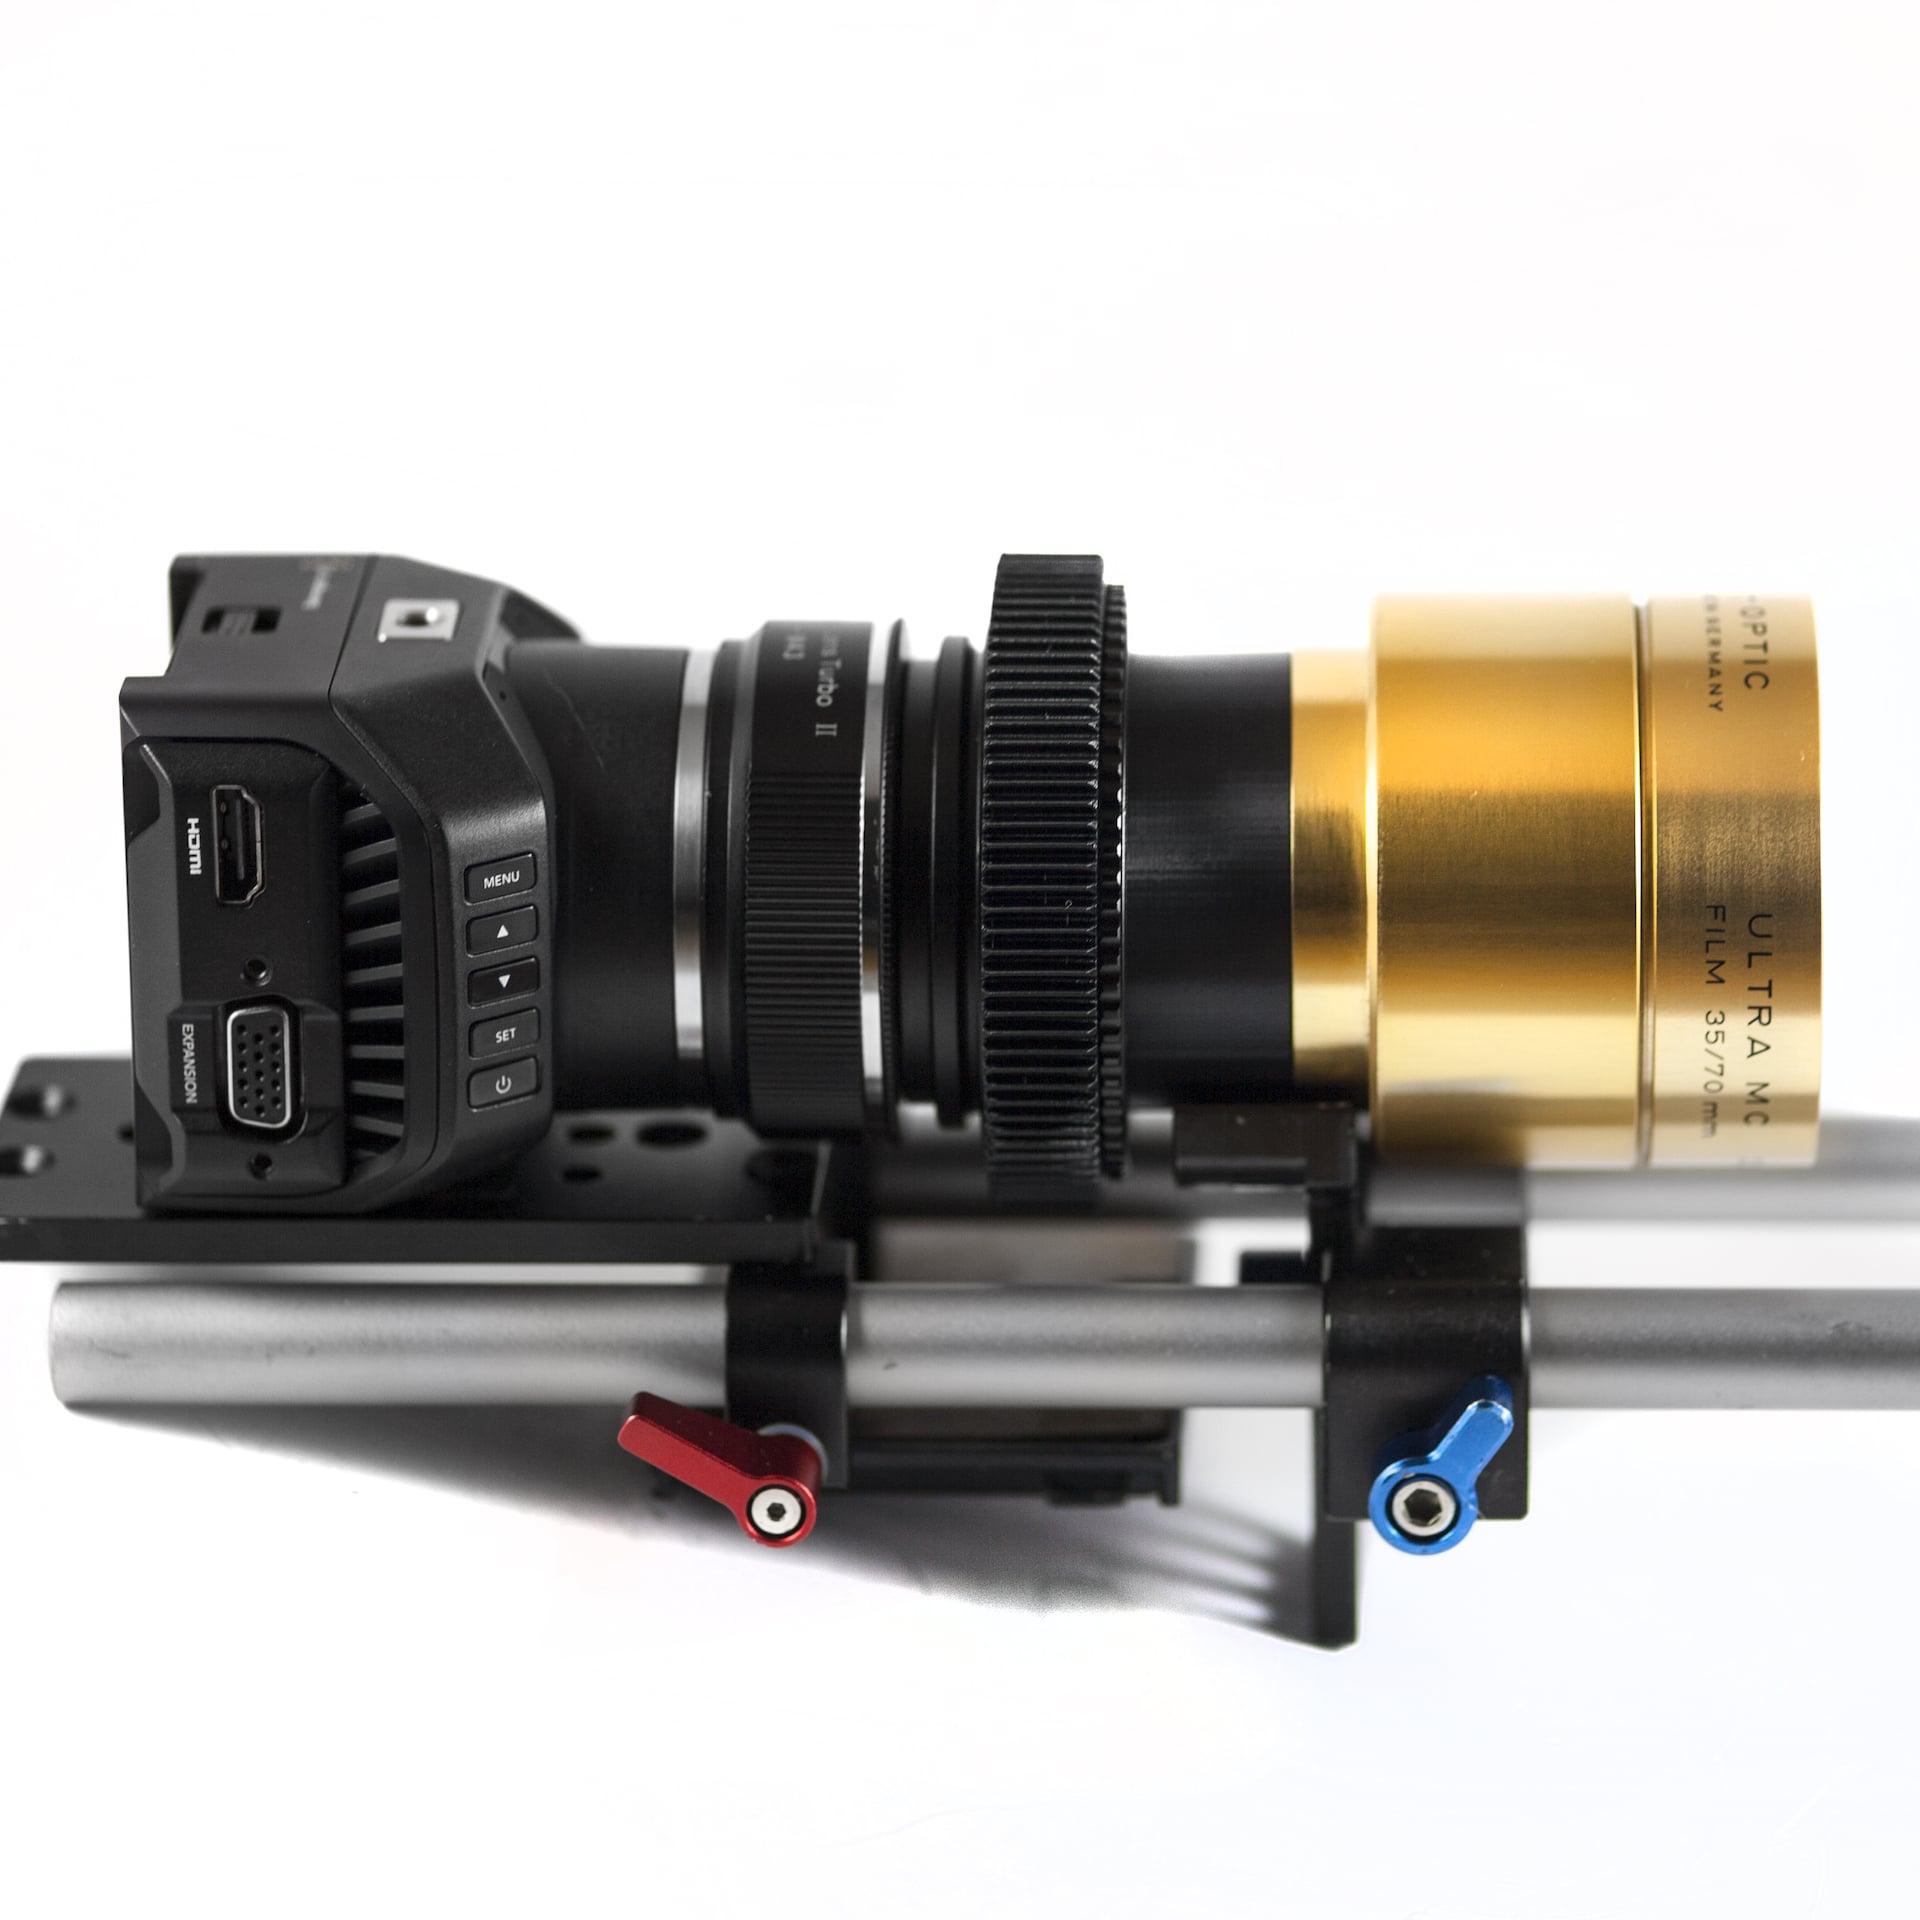 Affordable DSLR Cinema Prime Lenses